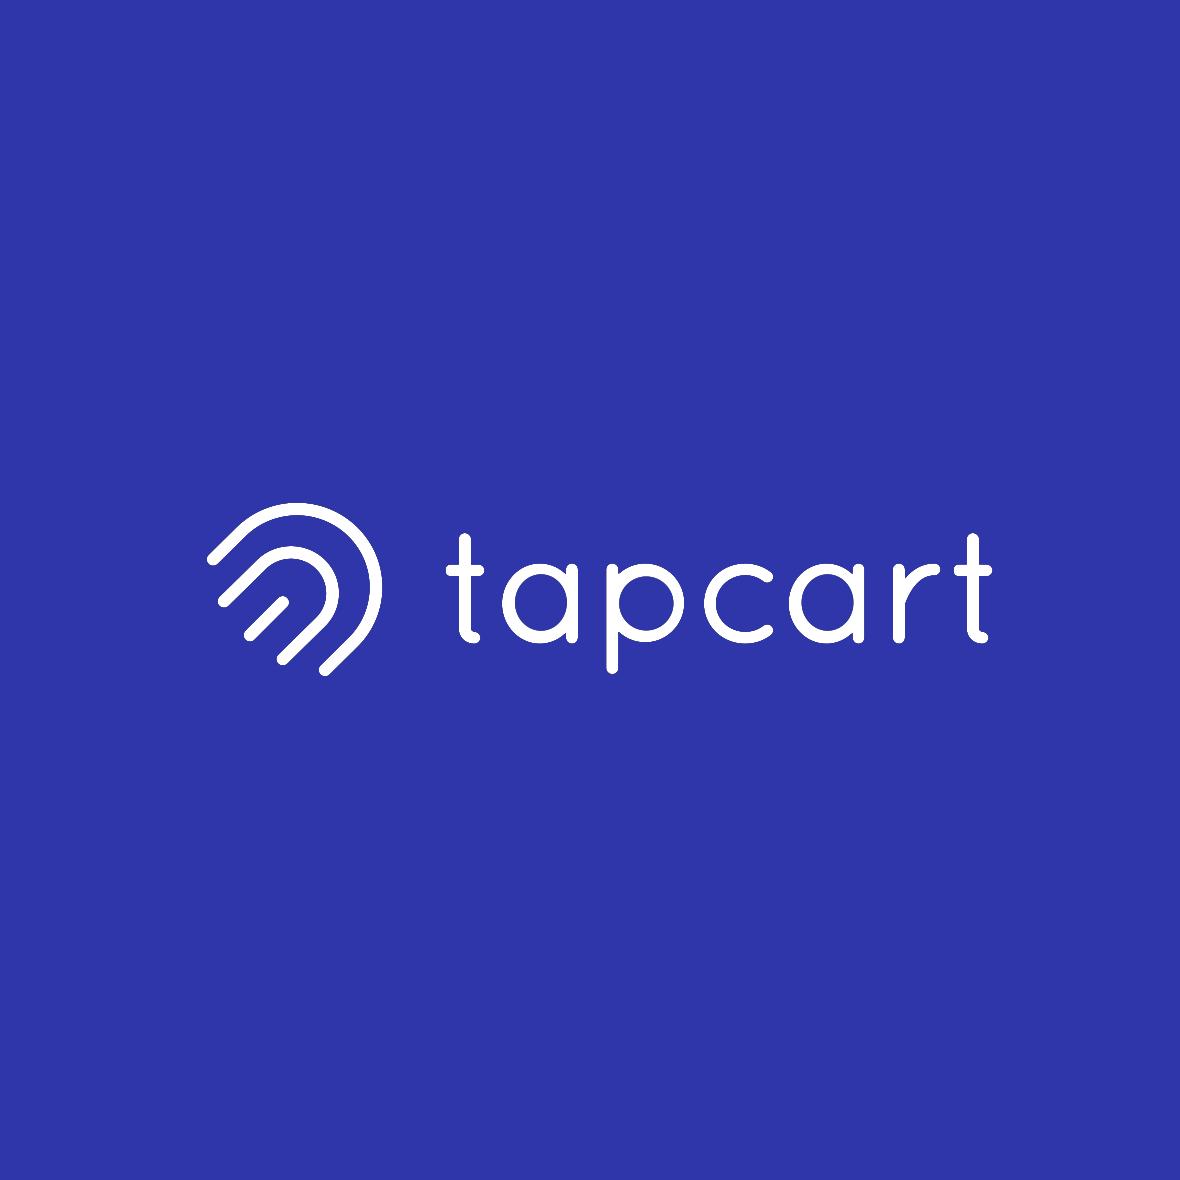 TapCart